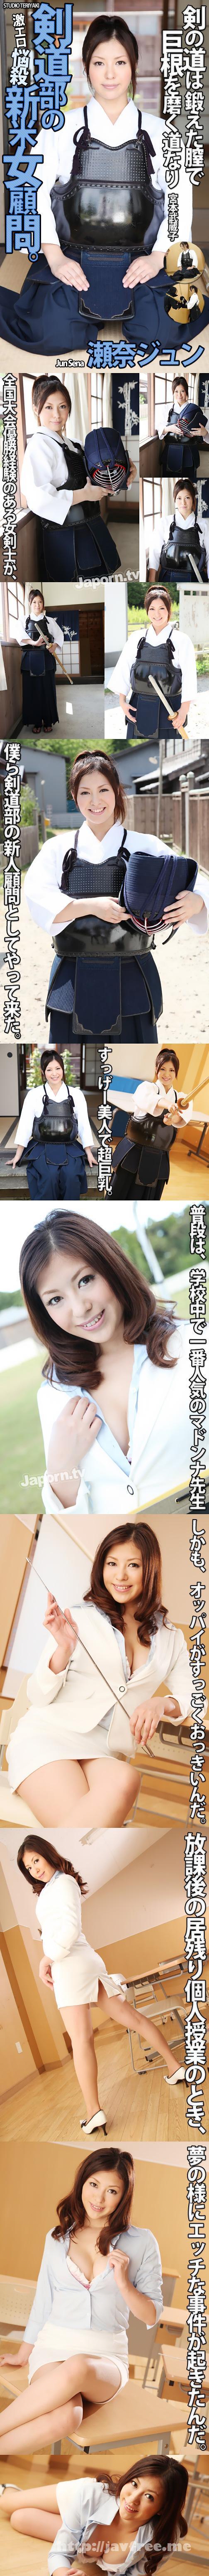 [PT 84] 剣道部顧問新米教師 : 瀬奈ジュン 瀬奈ジュン PT Jun Sena